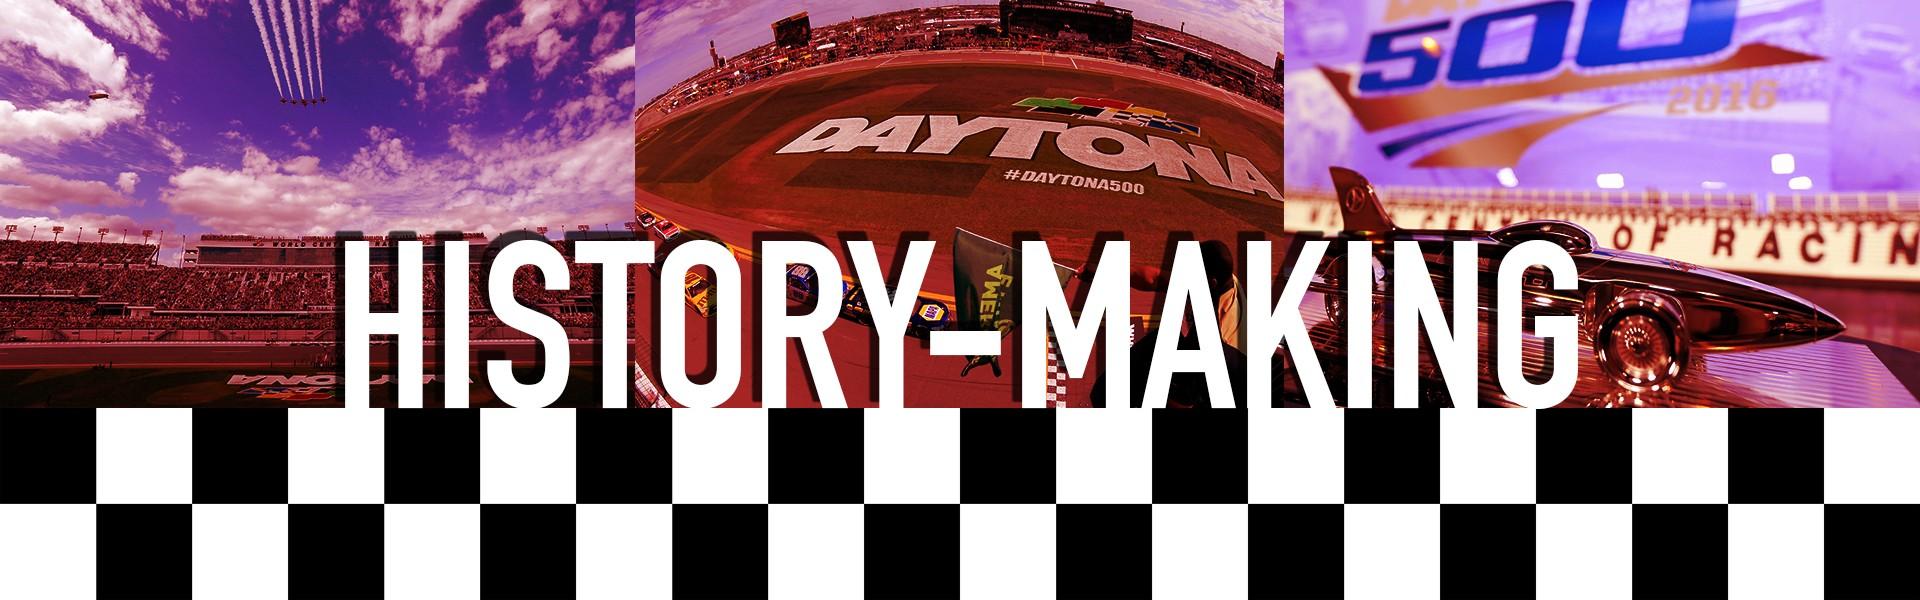 The history of the Daytona 500